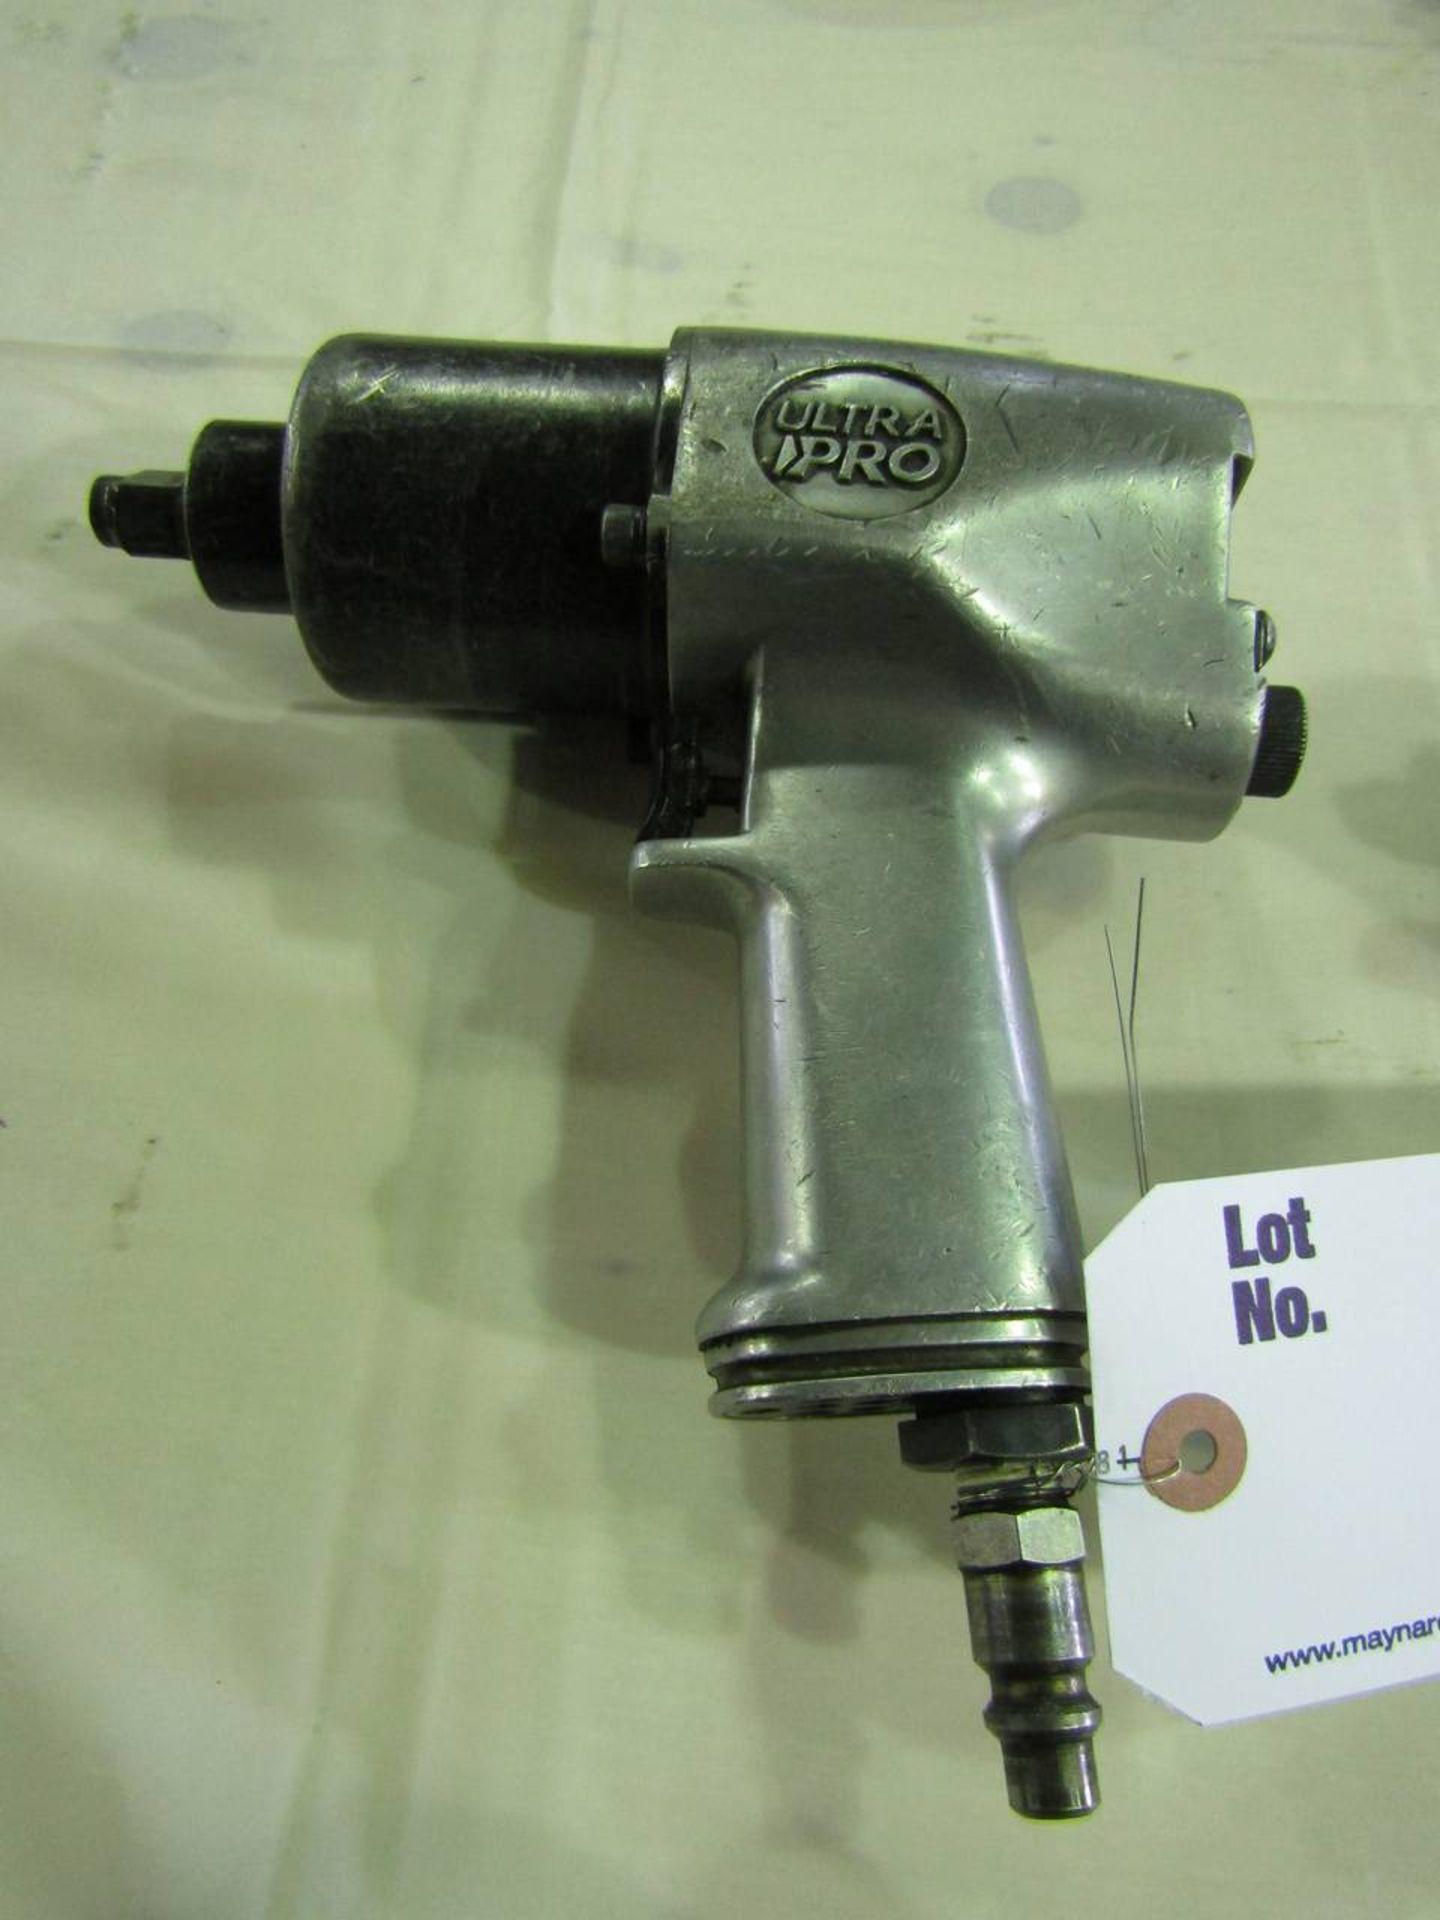 UltraPro Impact Wrench